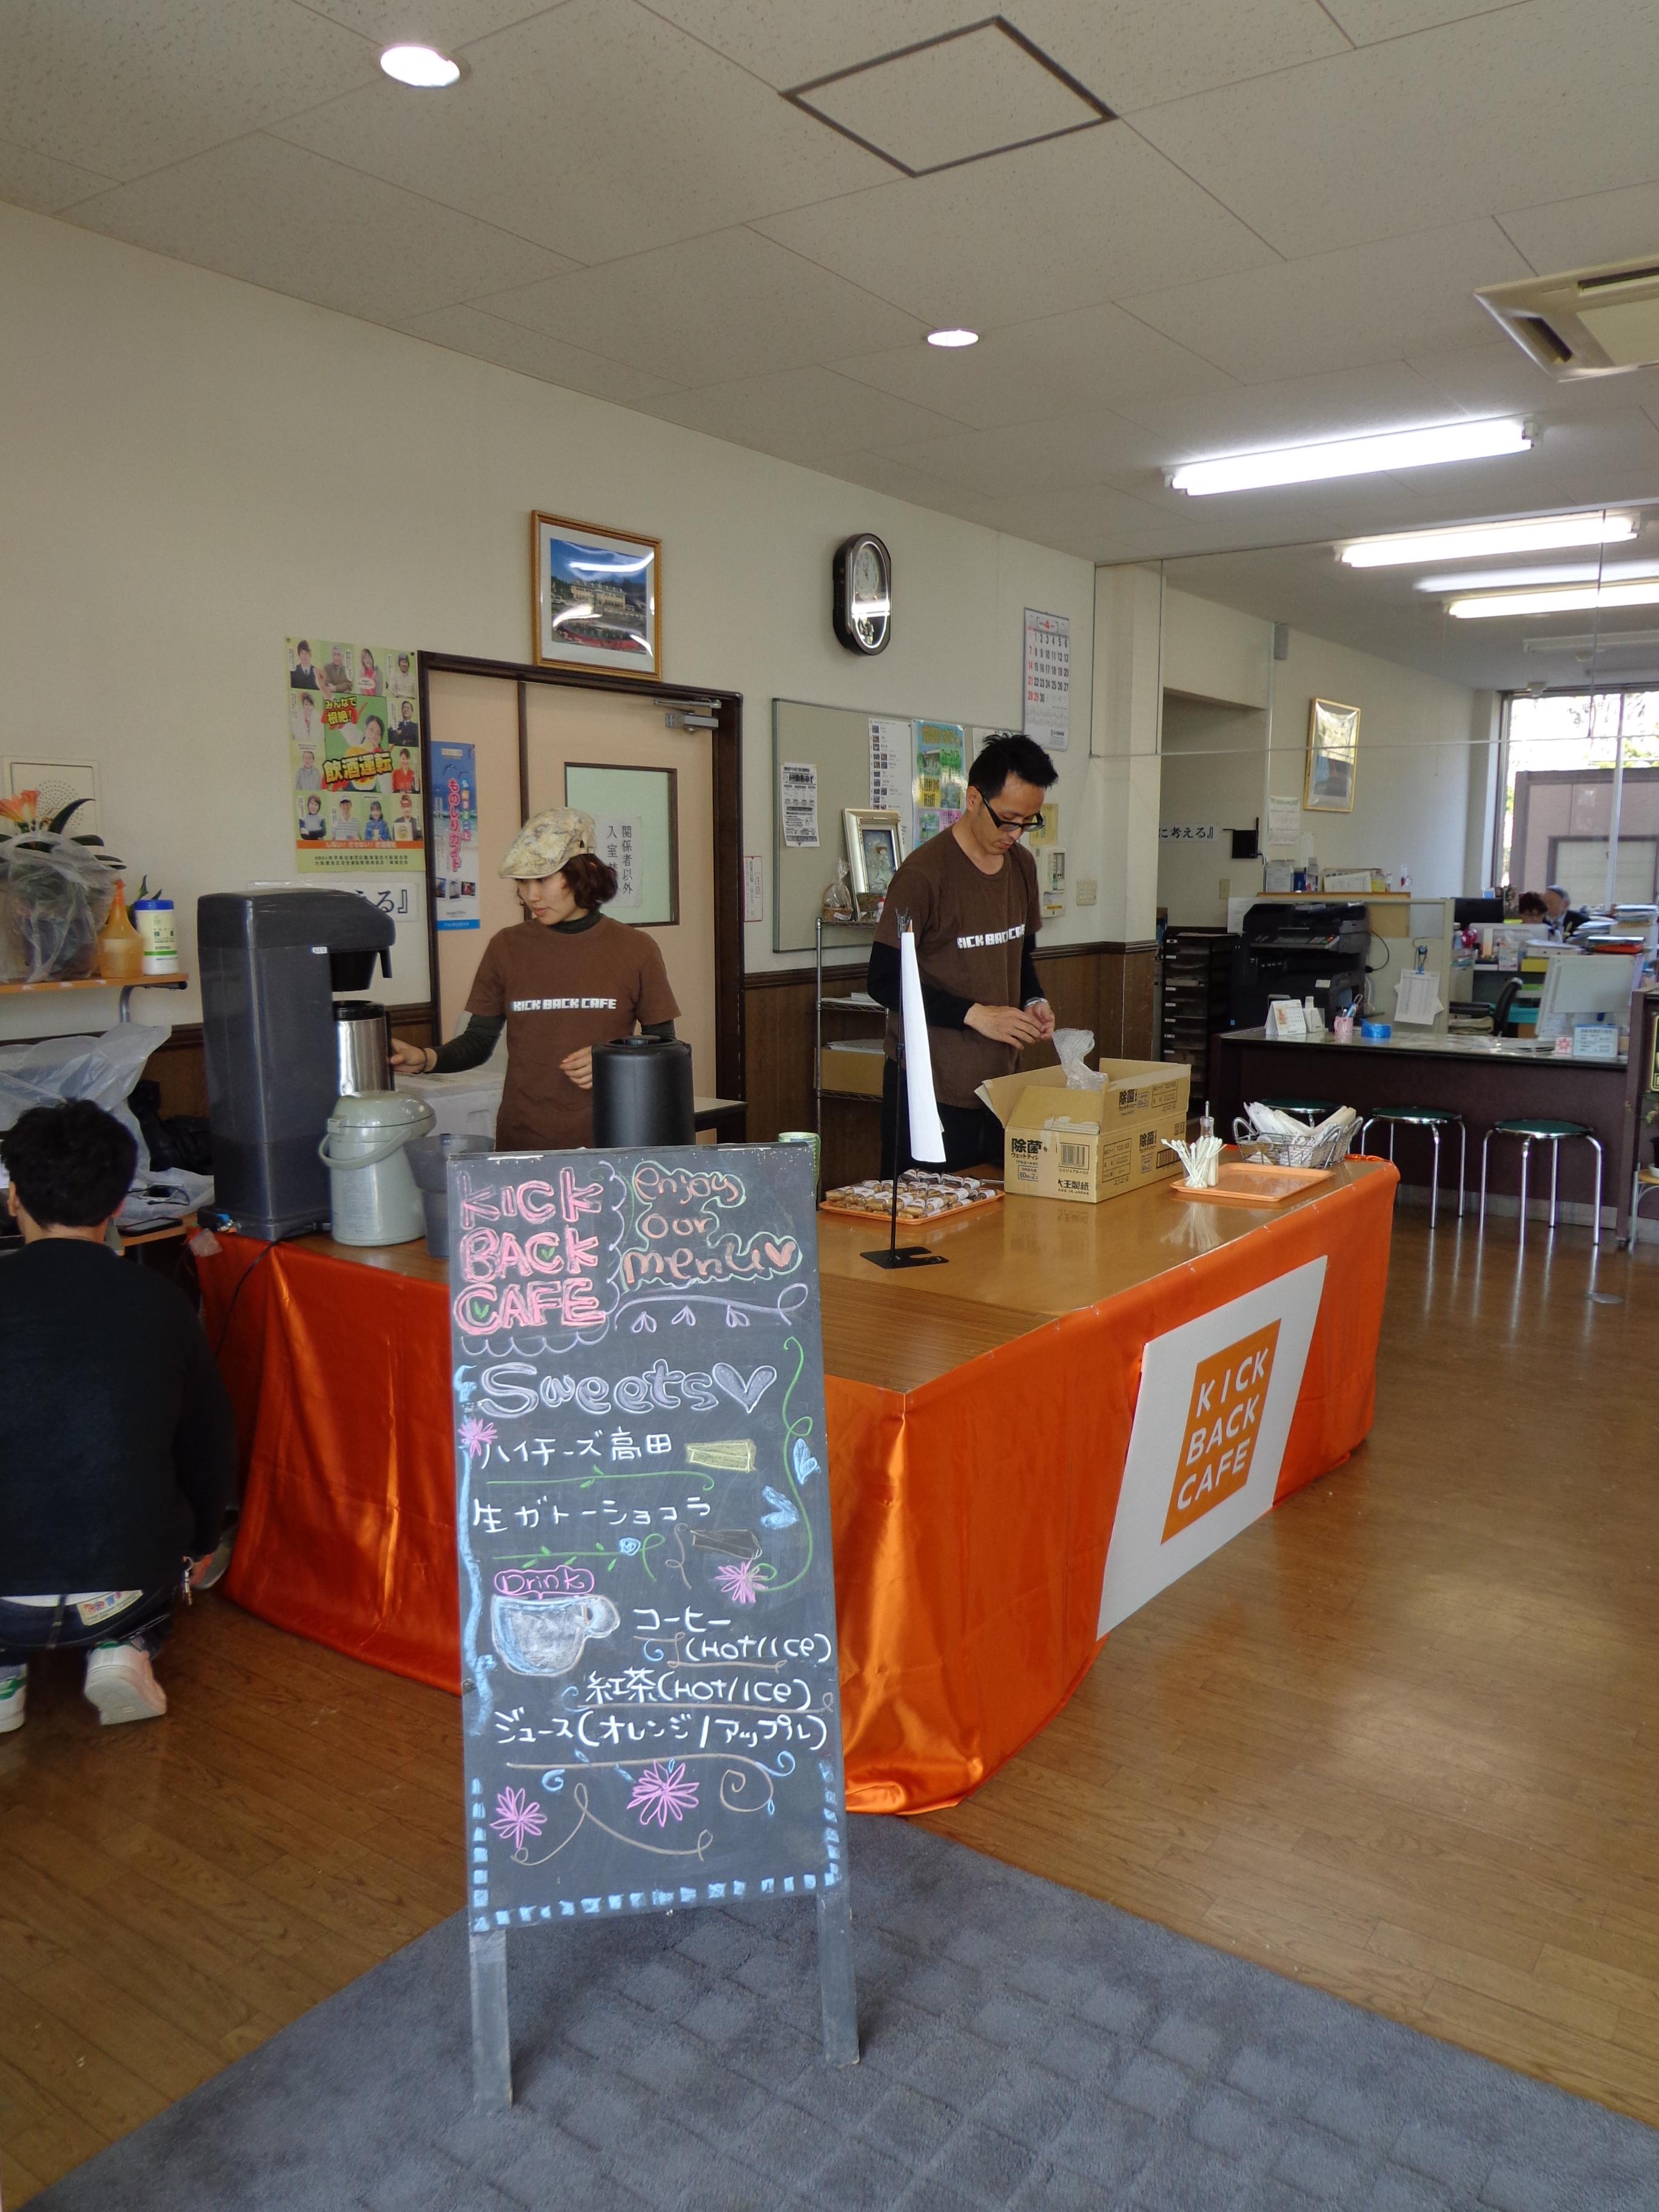 http://www.kickbackcafe.jp/support2/report/DSC00023.jpg